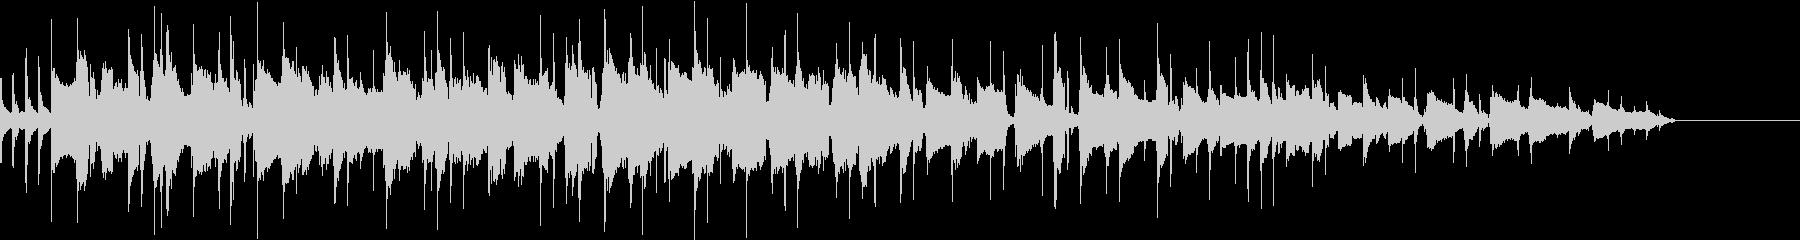 バウンドサウンド邦ロック風OP用BGM2の未再生の波形